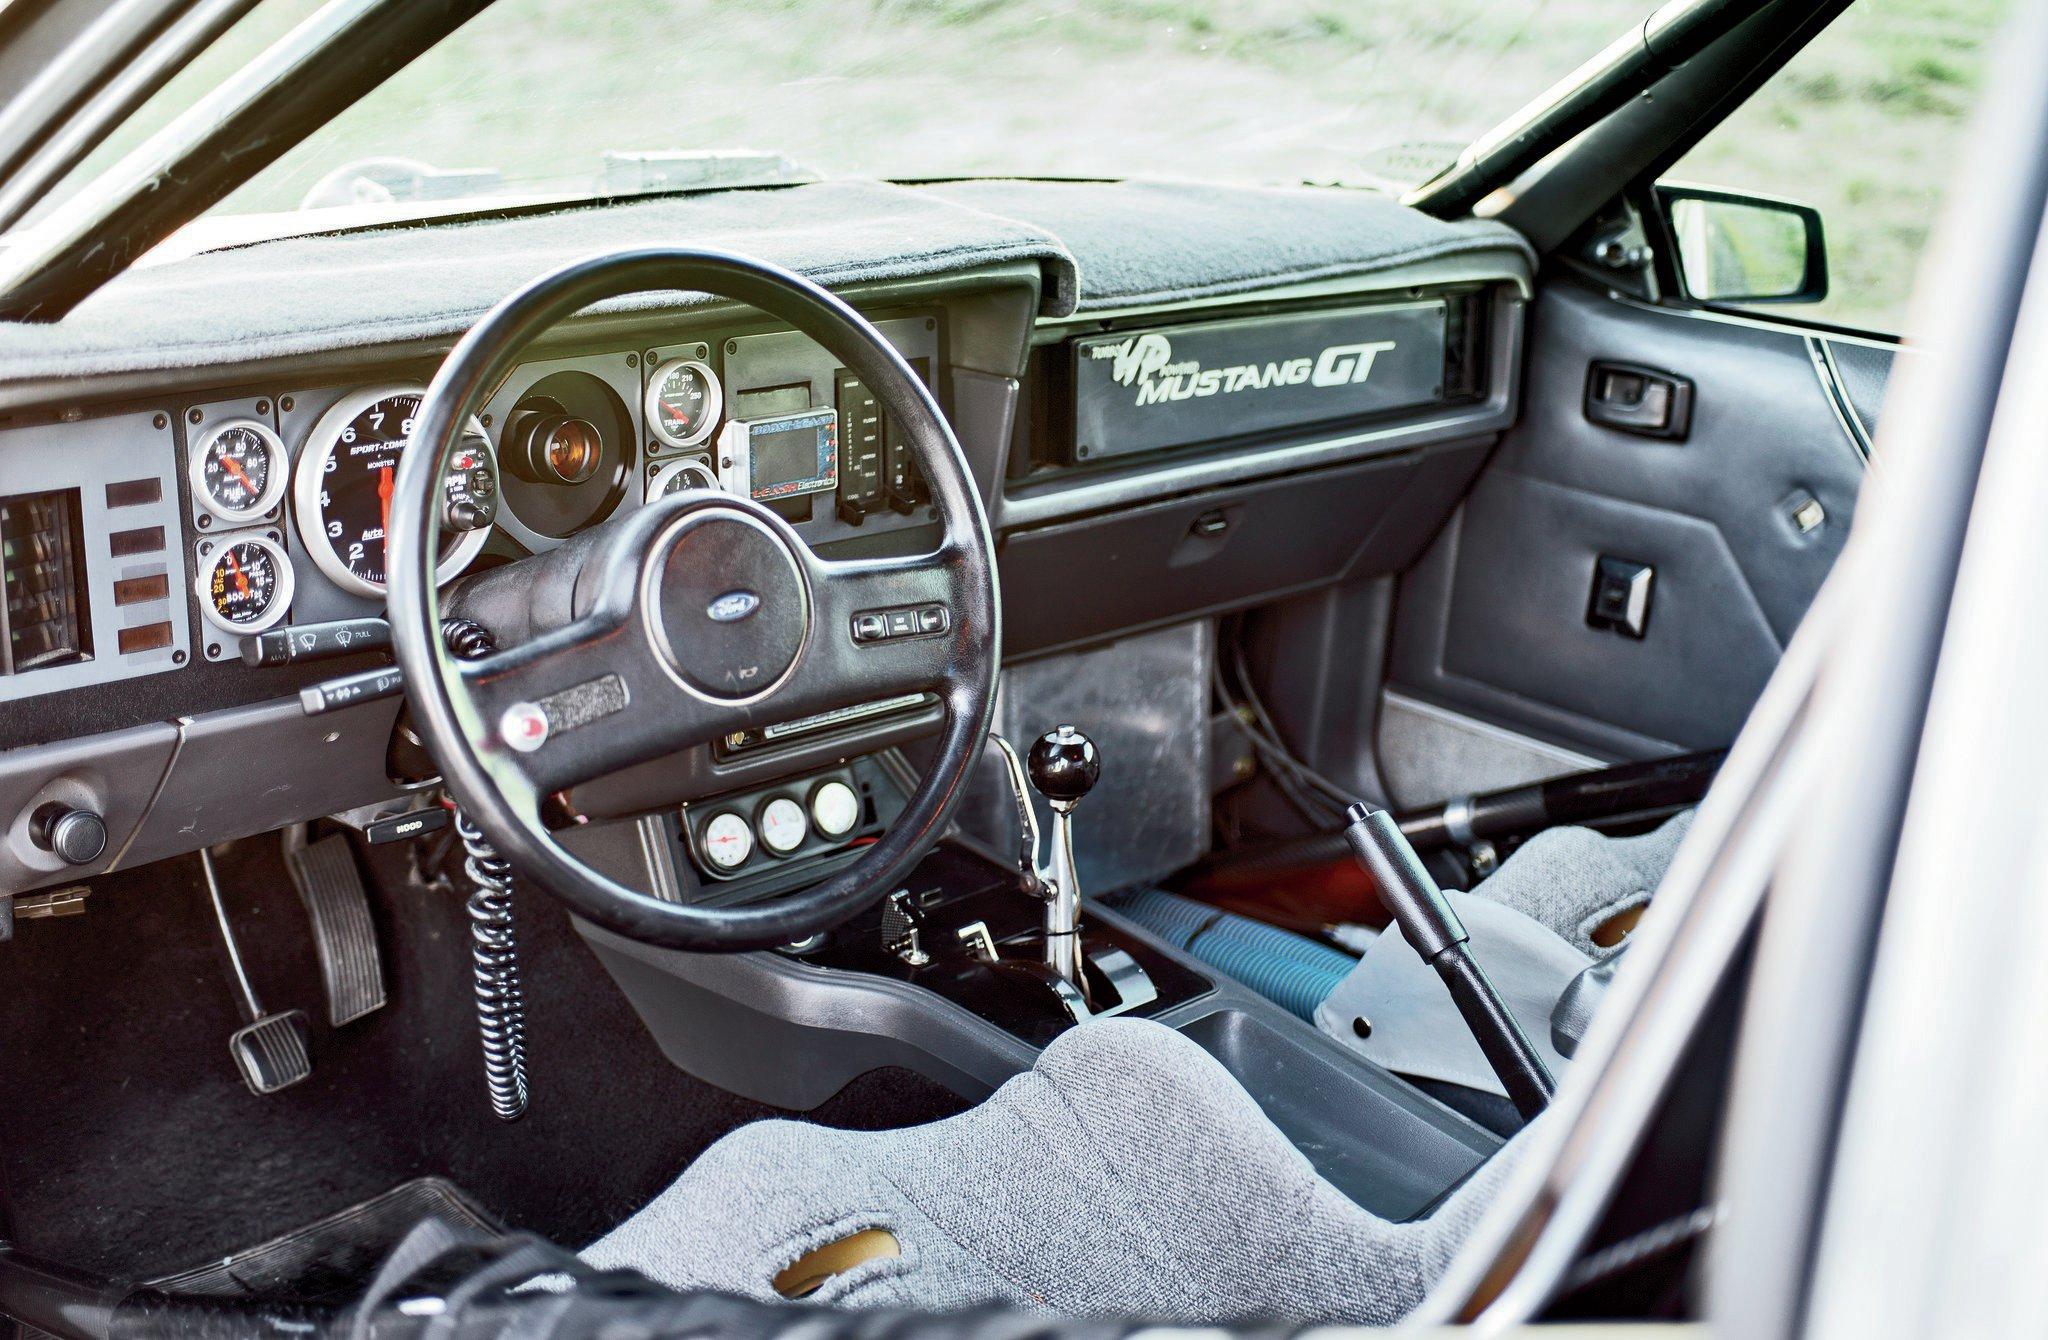 89 Mustang Alternator Wiring Diagram 89 Mustang Wiring Diagram 89 Ford